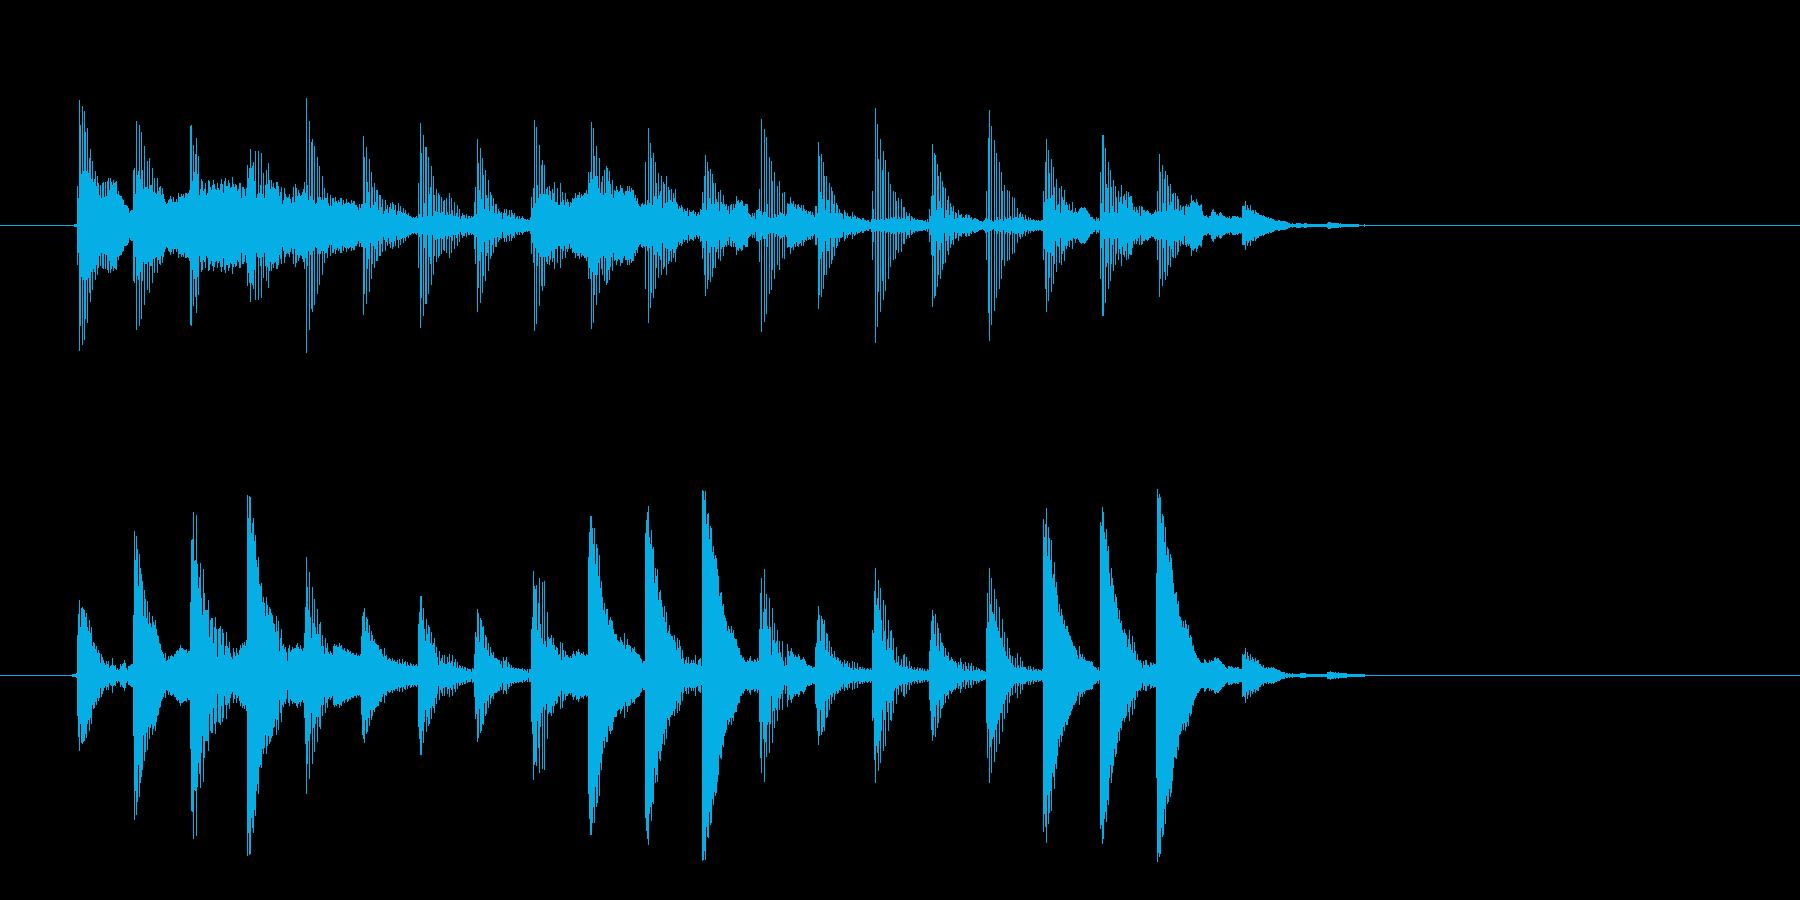 幻想的でゆったりとしたテクノ音楽の再生済みの波形